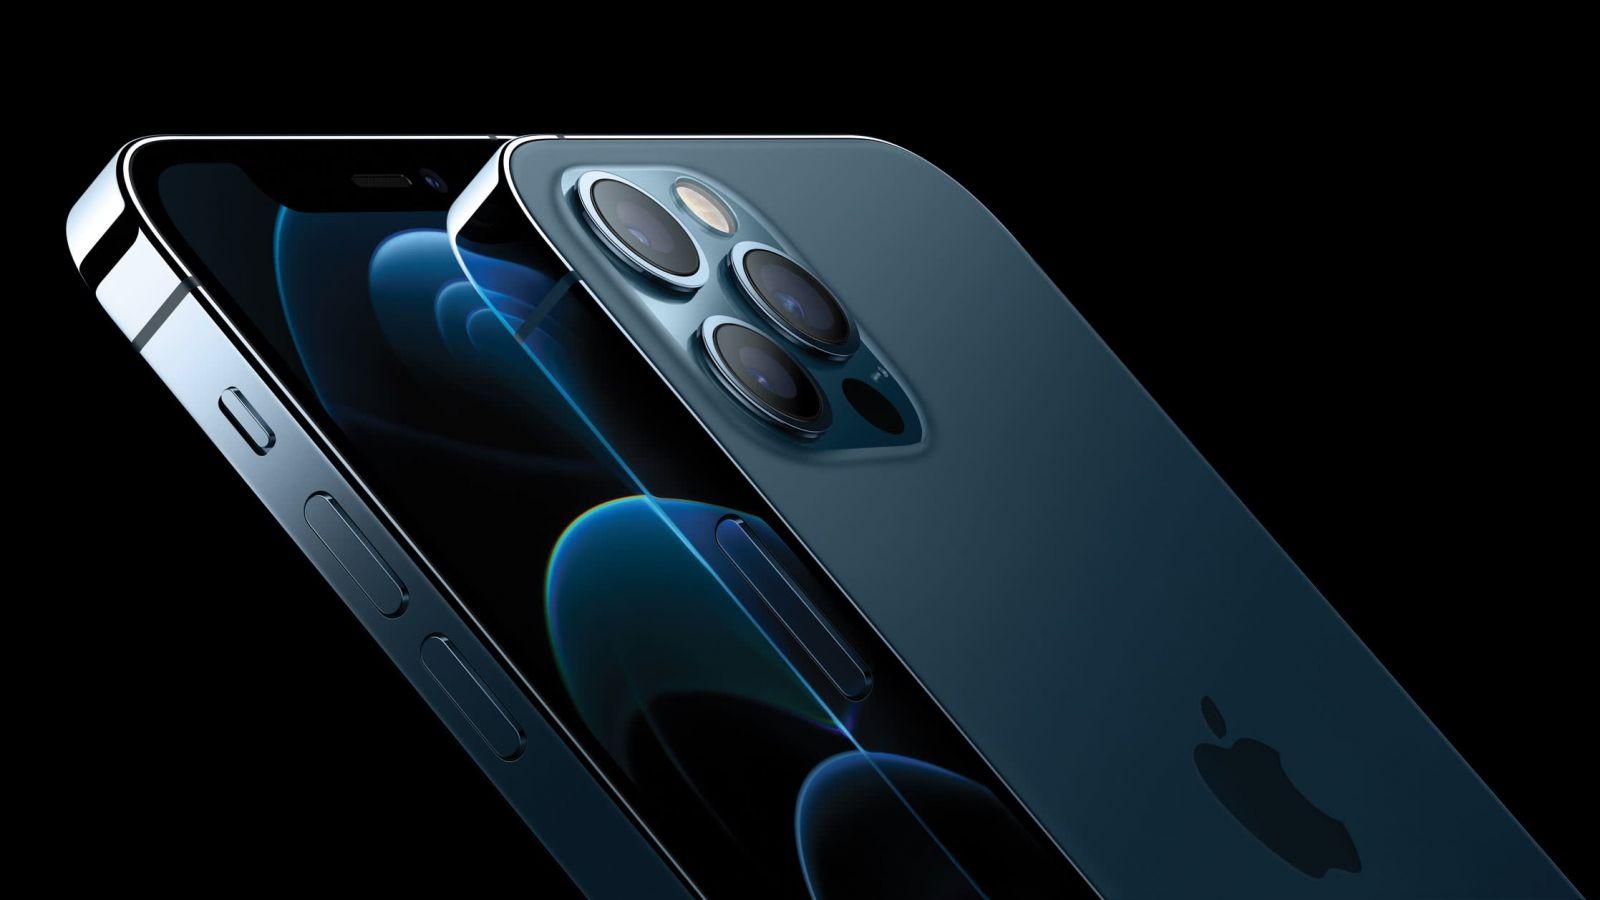 Hàng loạt mẫu iPhone giảm giá sốc dịp đầu năm mới 2021